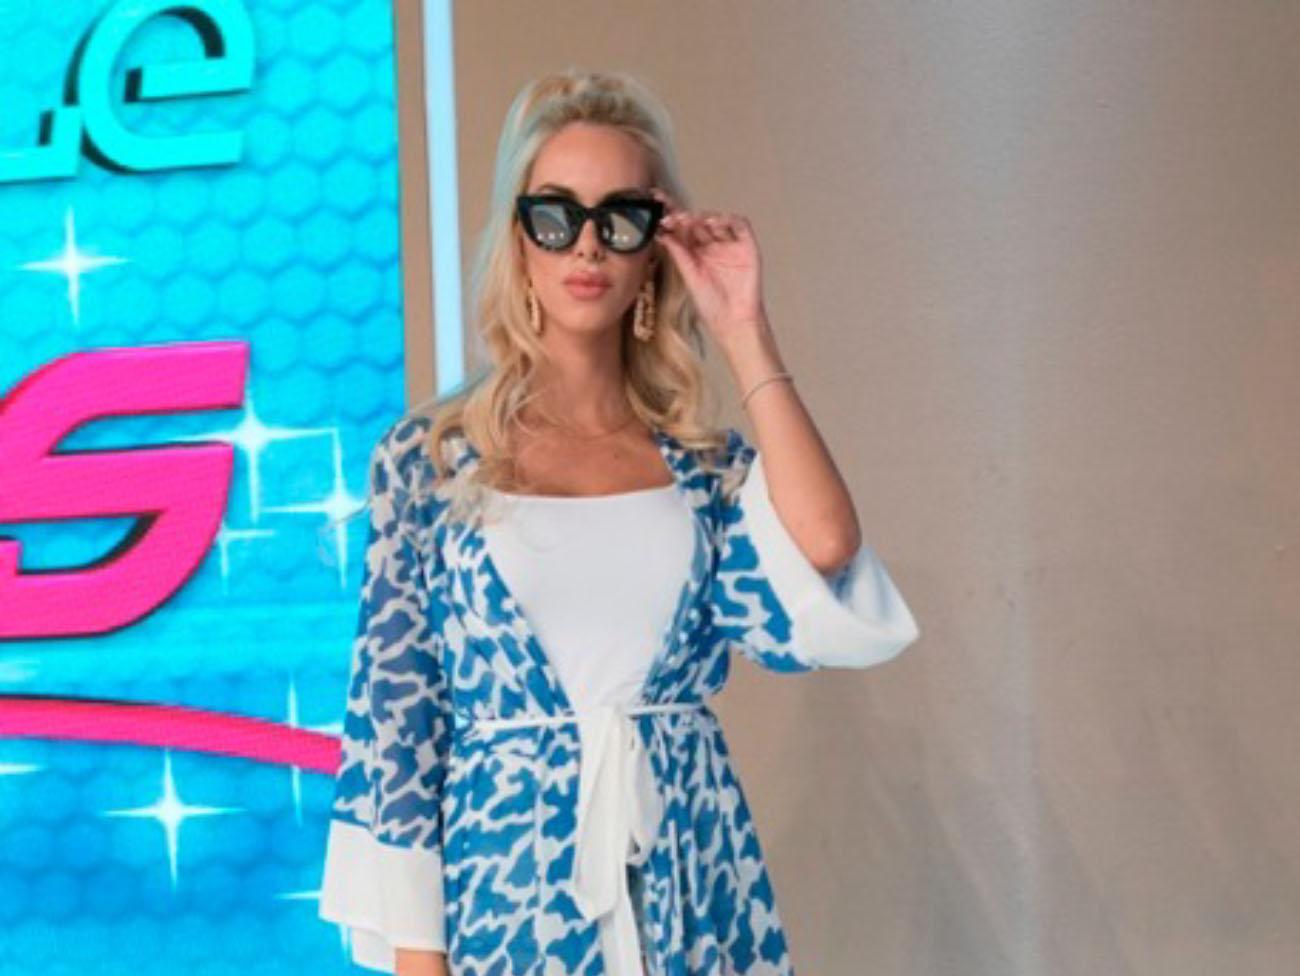 Τζούλια Κόλλια: H πρώην παίκτρια του My Style Rocks και η αποκάλυψη για τις πλαστικές επεμβάσεις